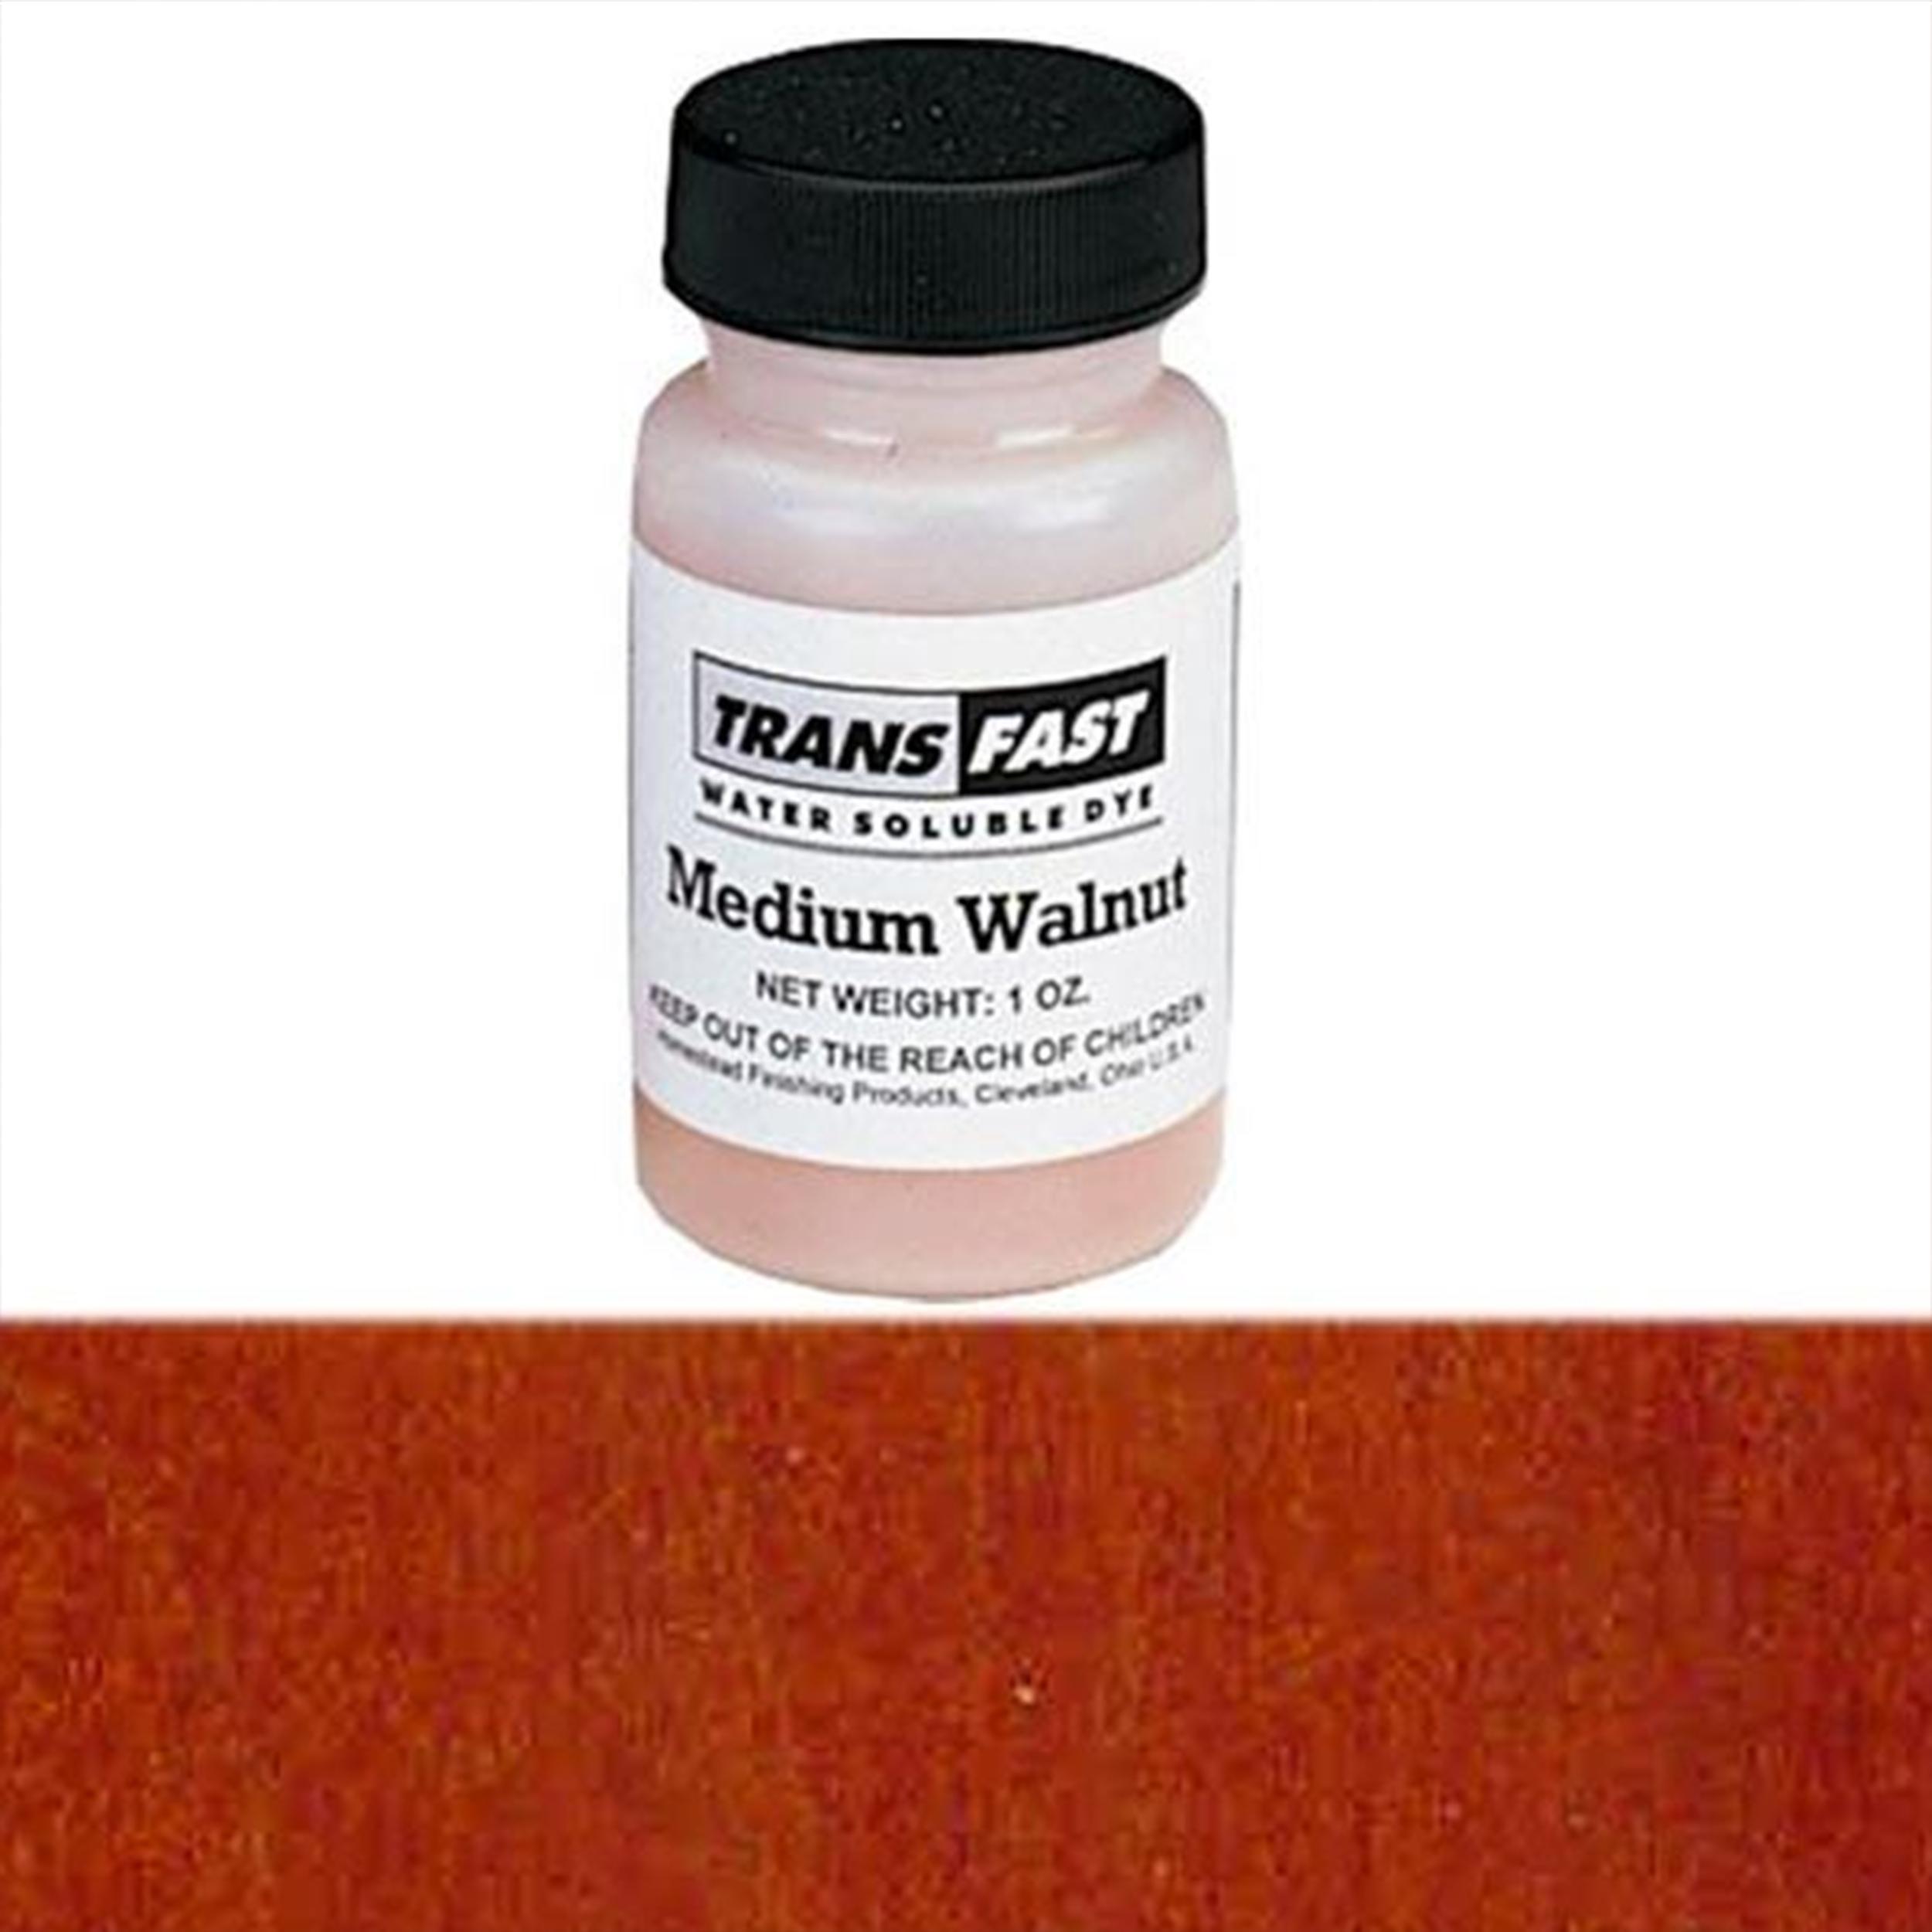 Medium Walnut Transfast Water Soluble Dye 2 oz